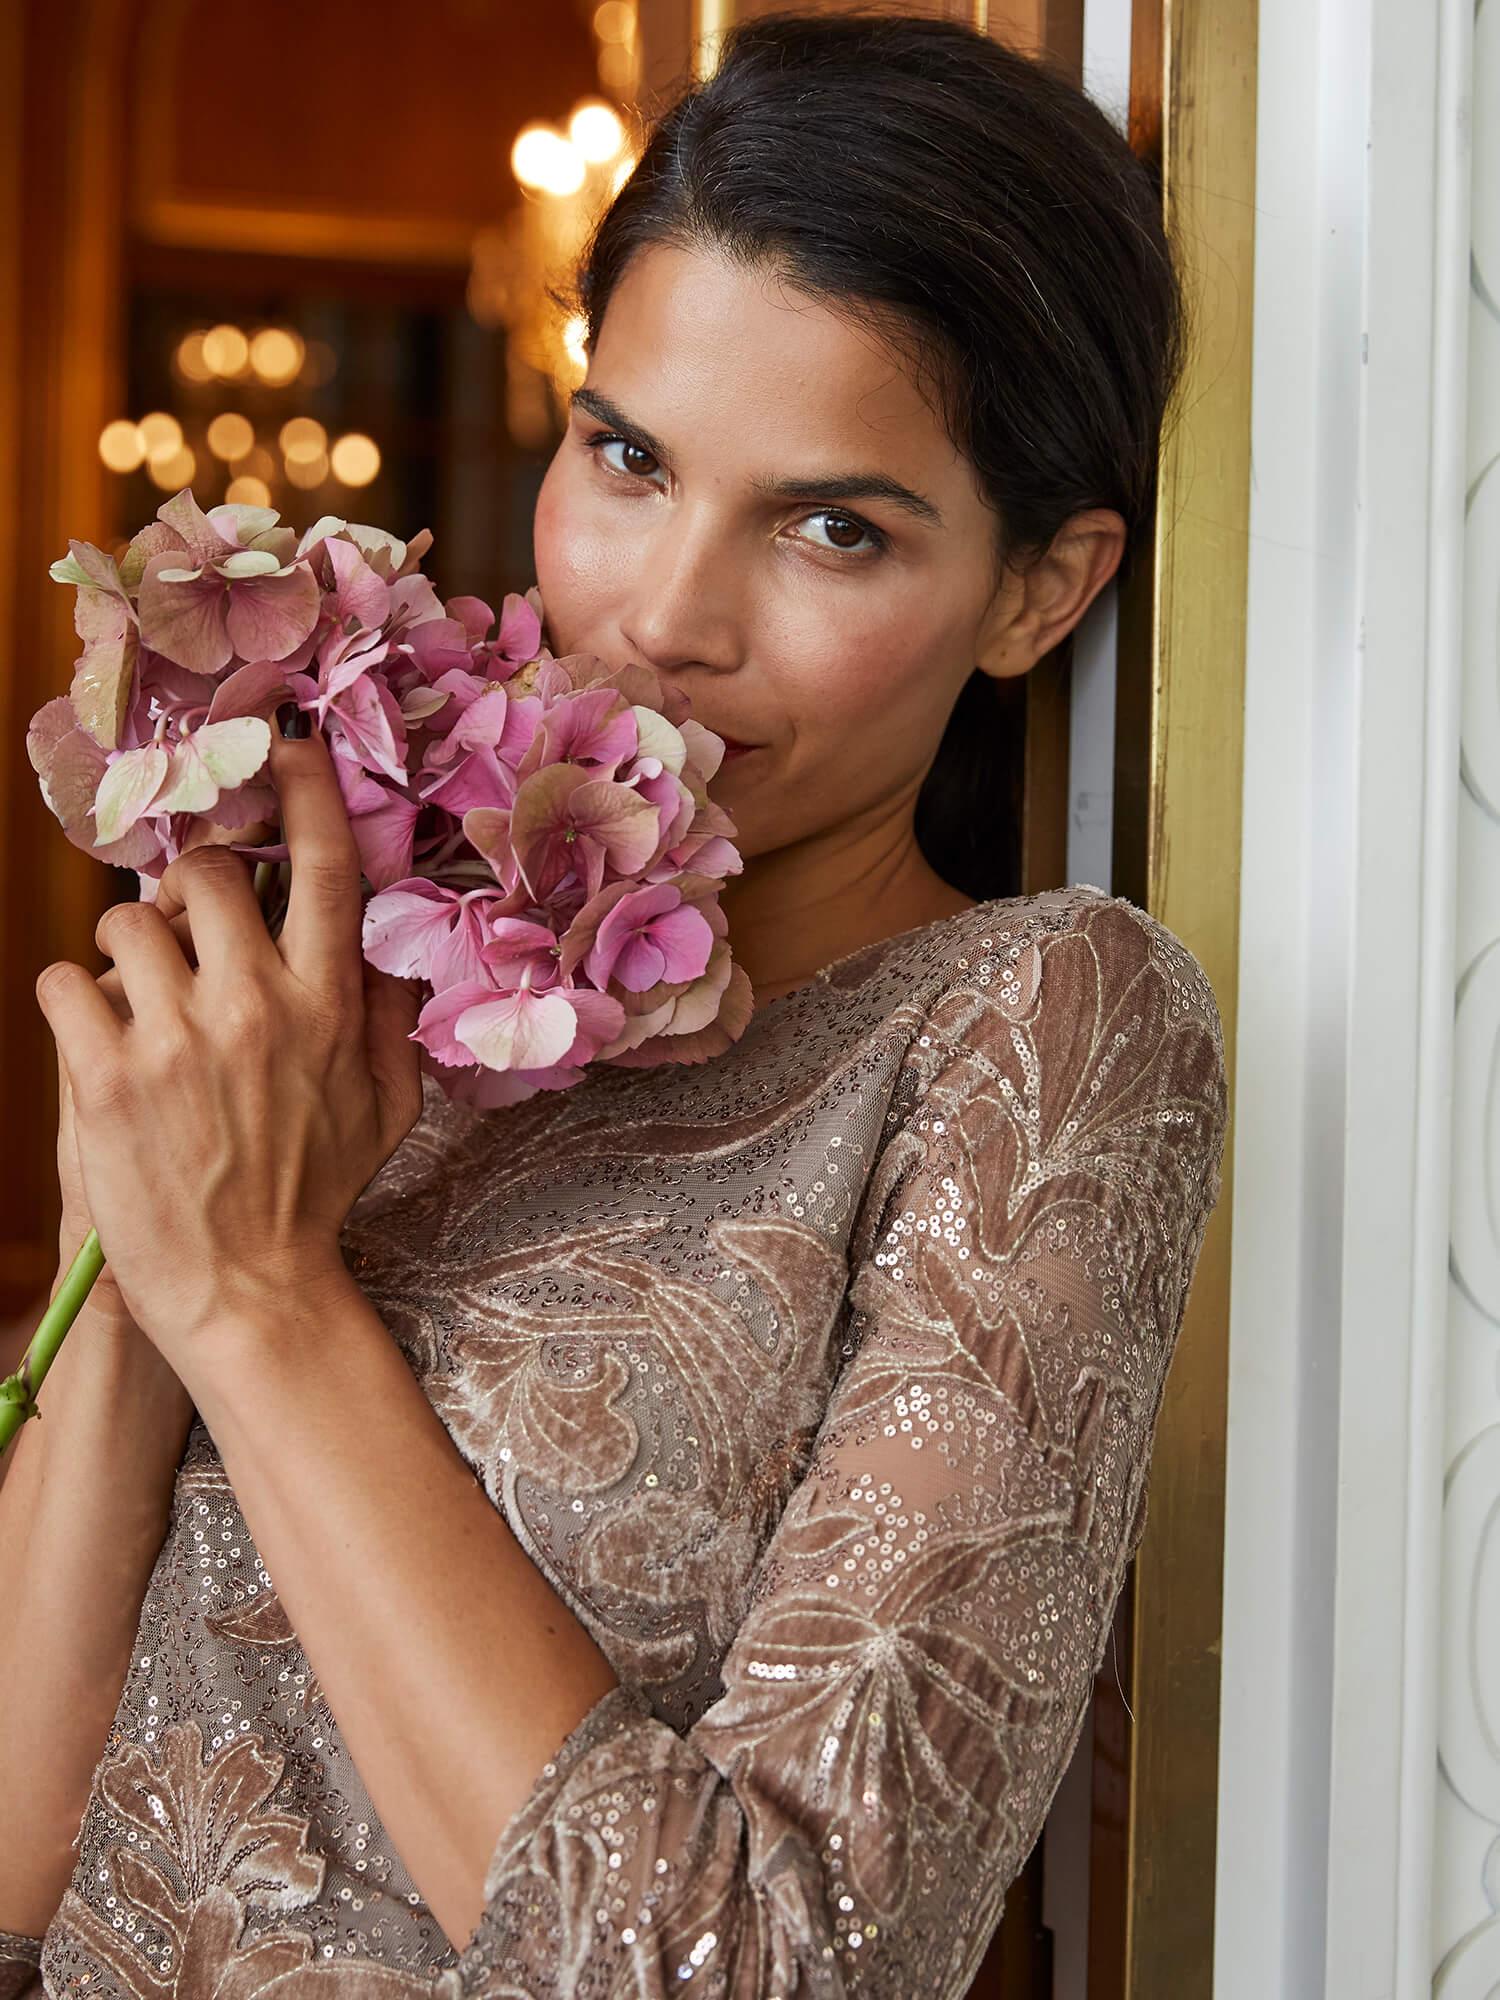 Frau die an Blumenstrauß riecht.